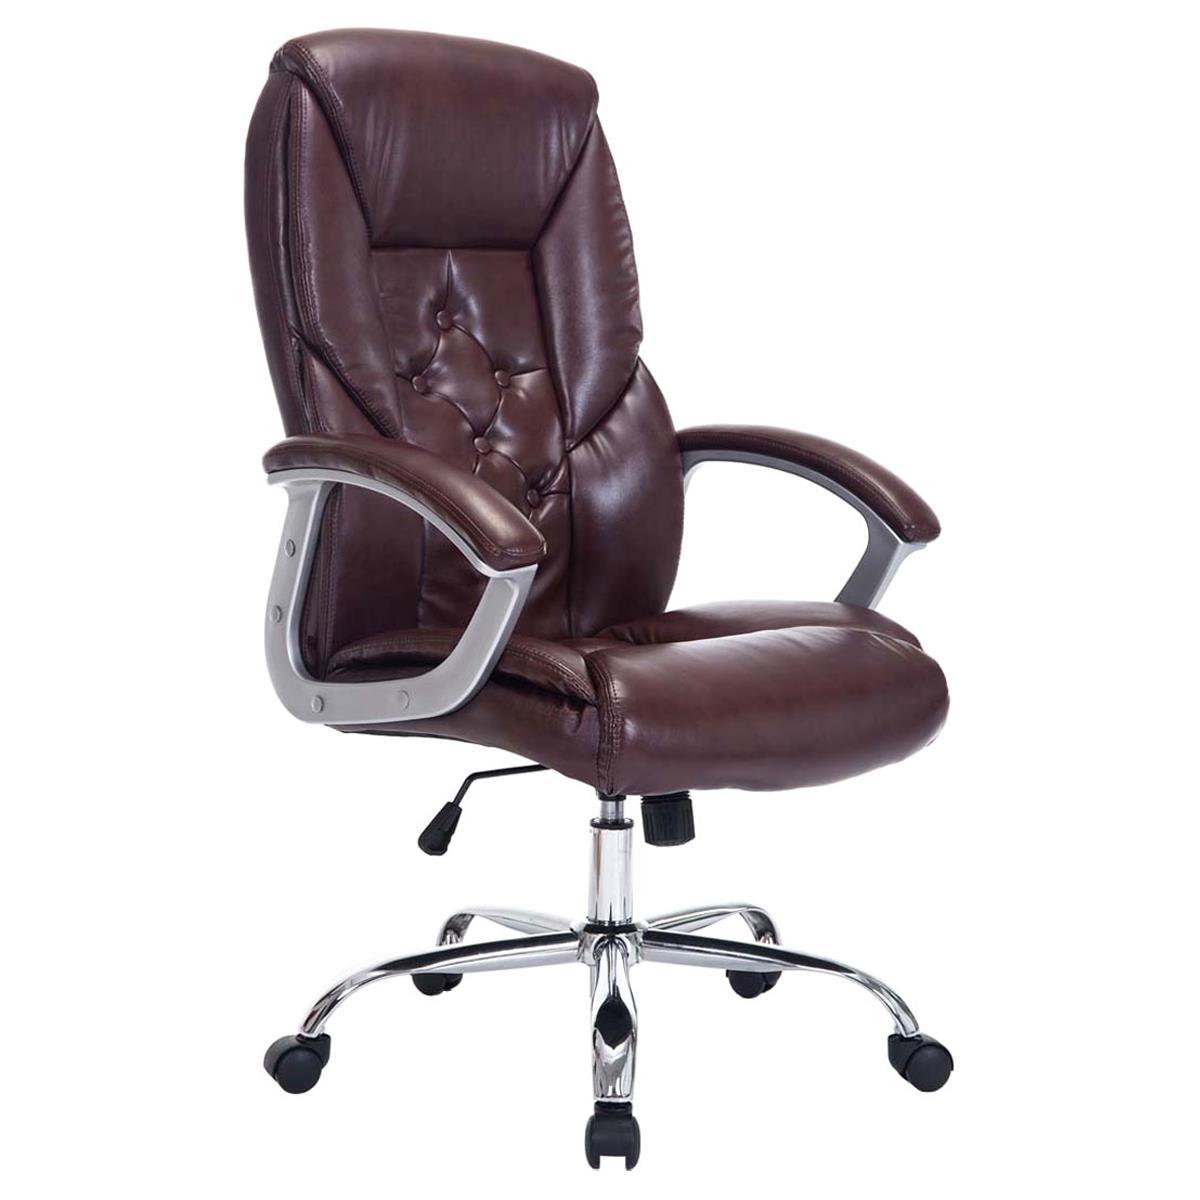 Poltrona ufficio dione pro elegante e comoda resistente for Poltrona ufficio design